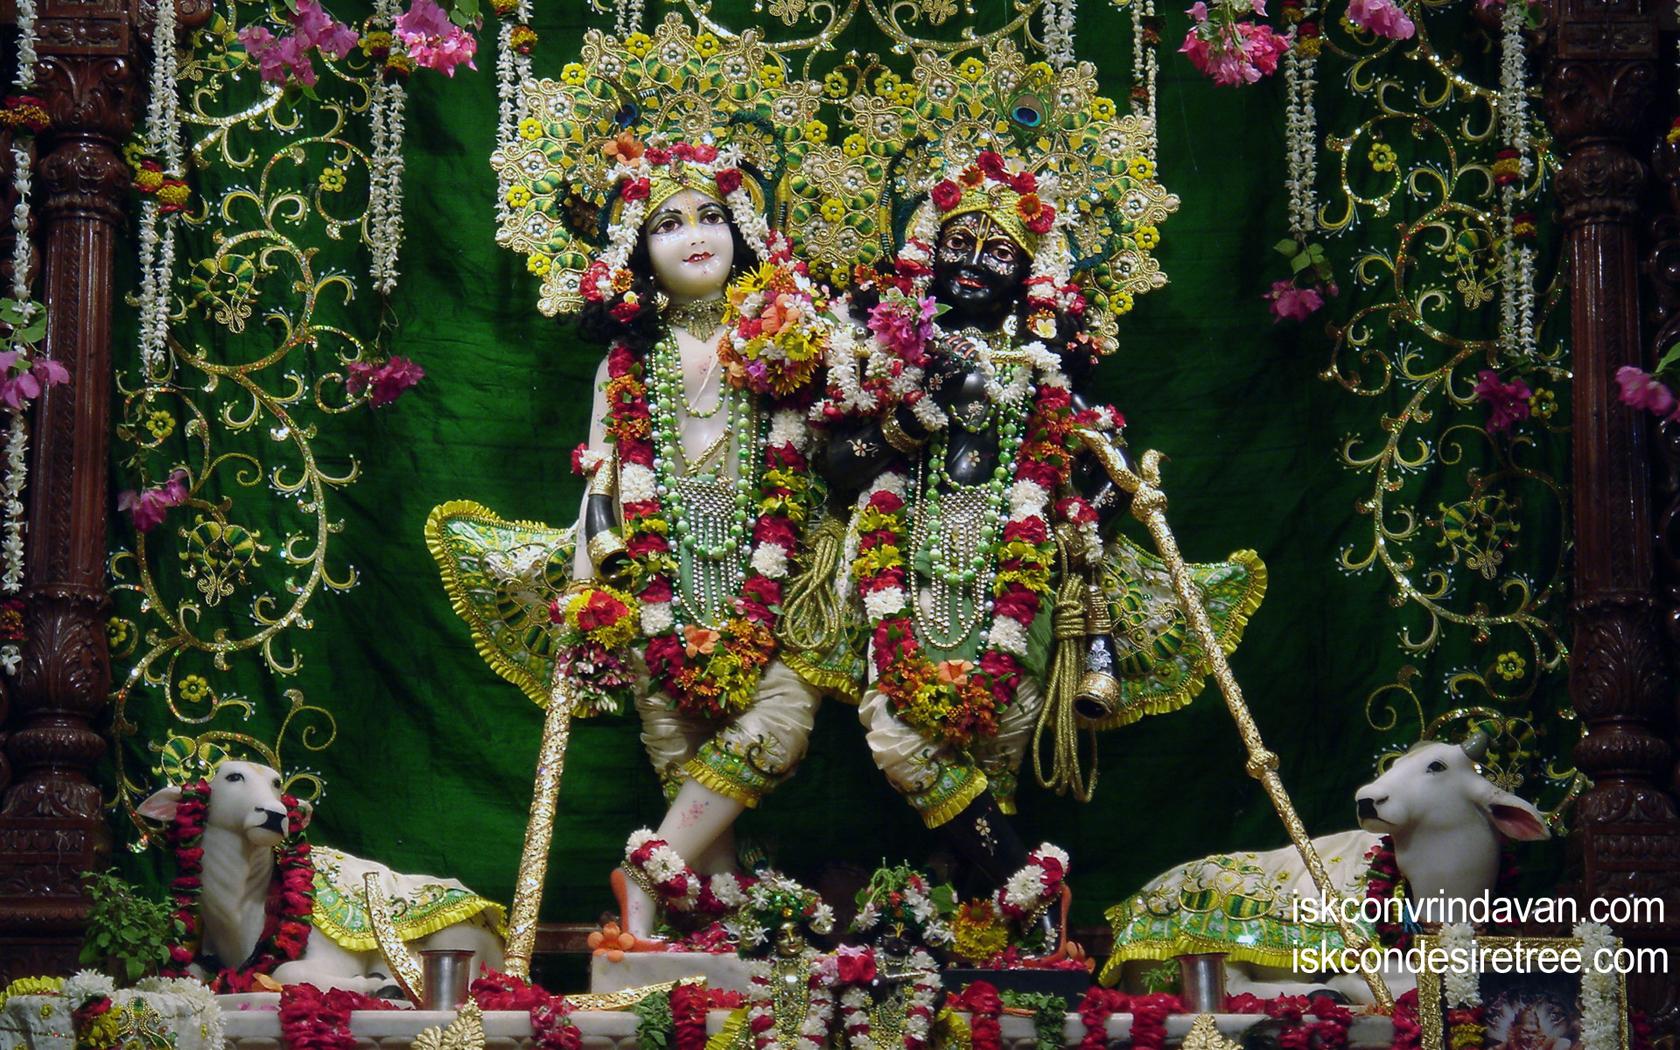 Sri Sri Krishna Balaram Wallpaper (056) Size 1680x1050 Download